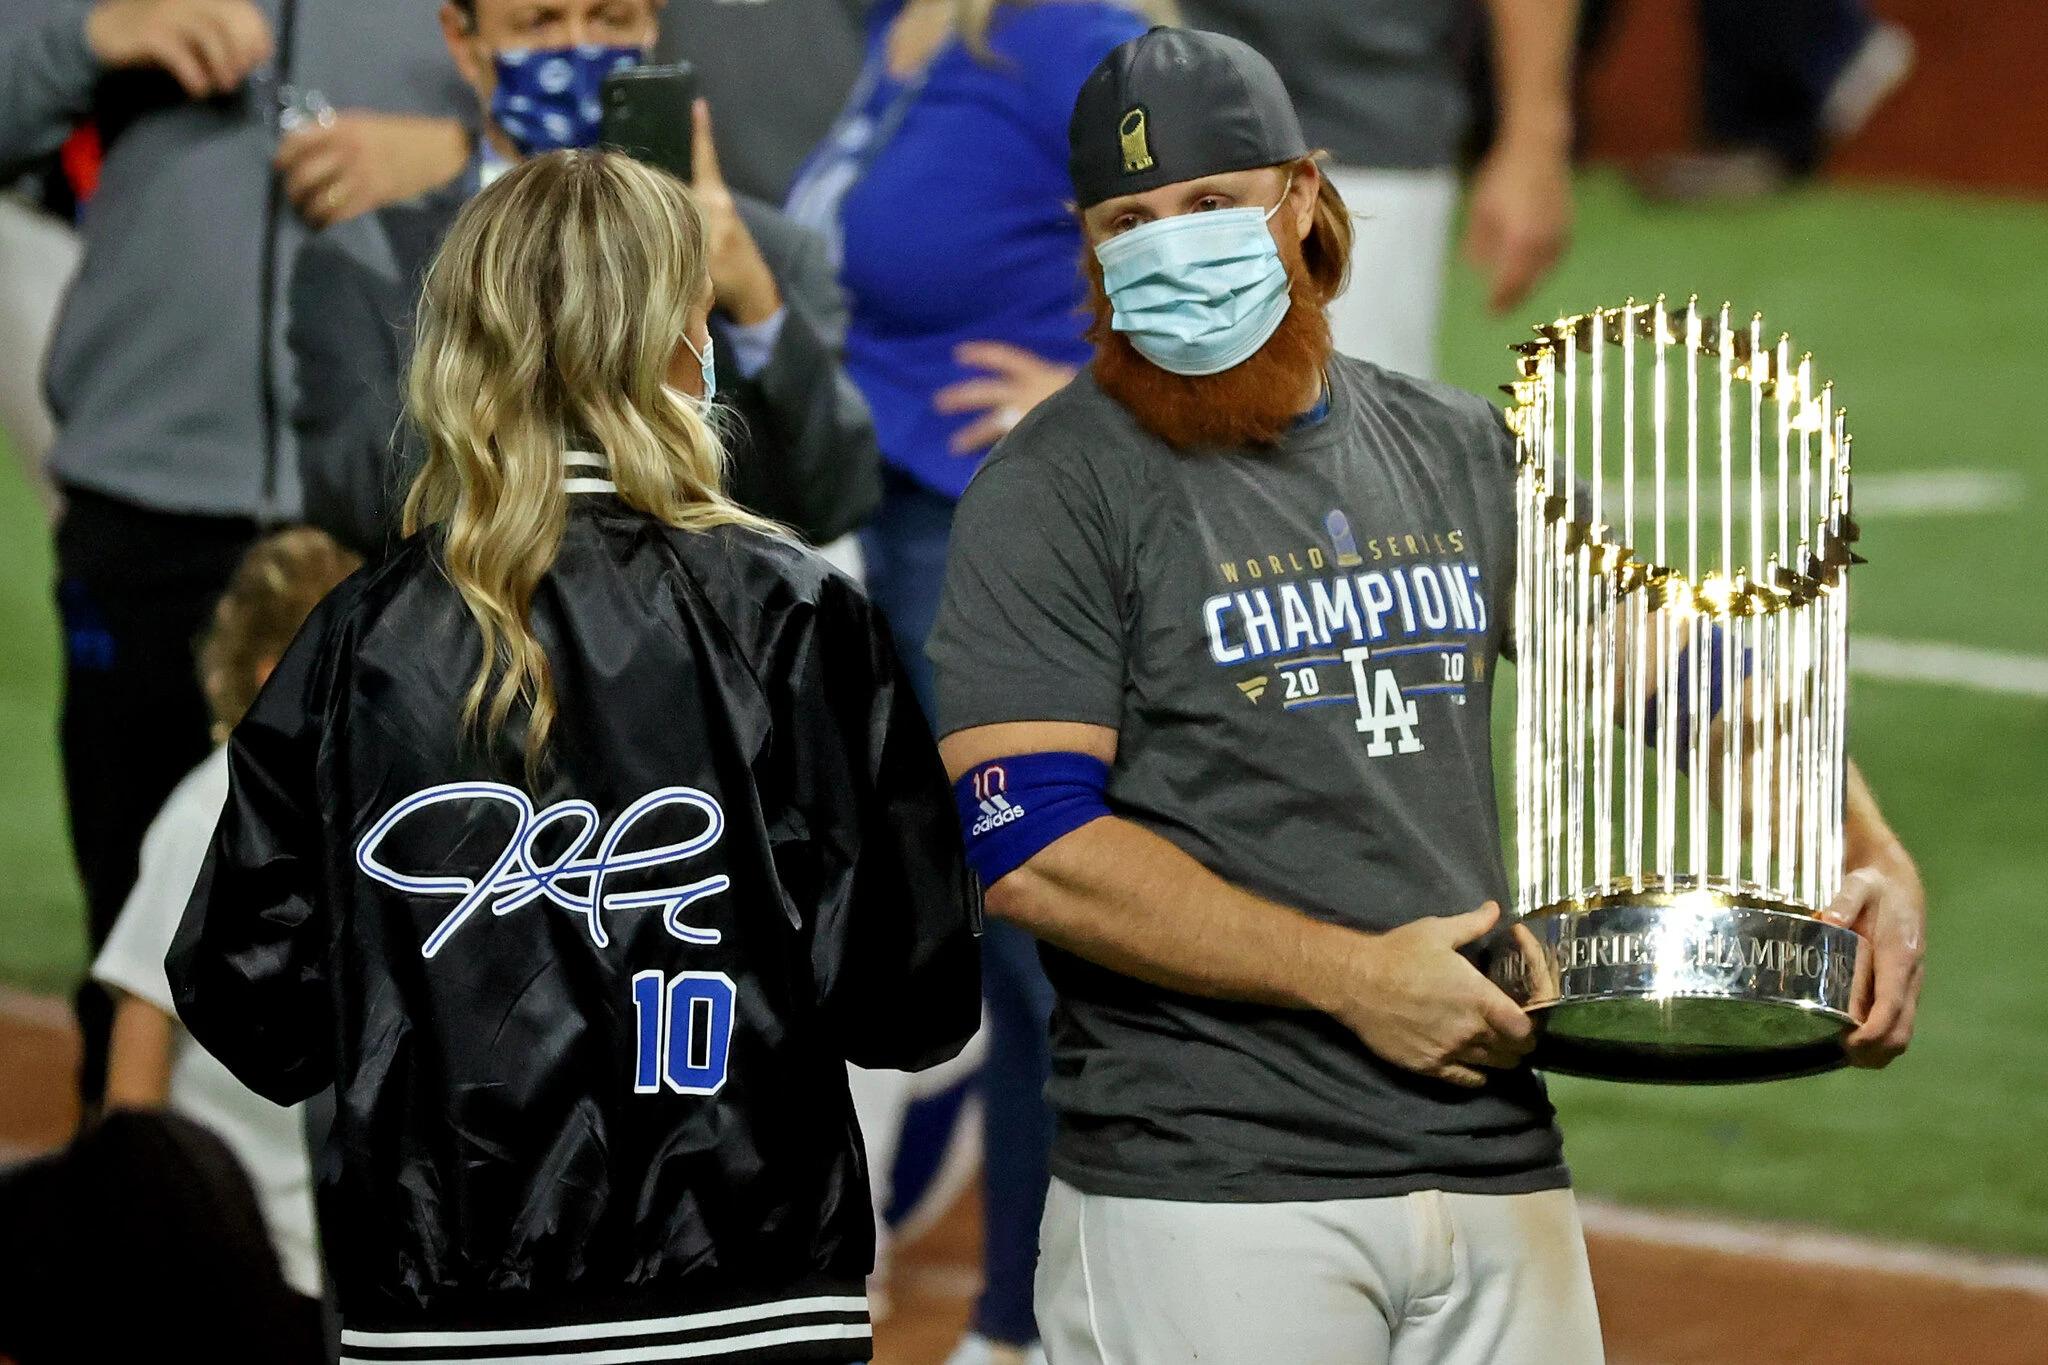 Serie Mundial: Justin Turner celebra con los Dodgers pese a que fue retirado por dar positivo con COVID-19.